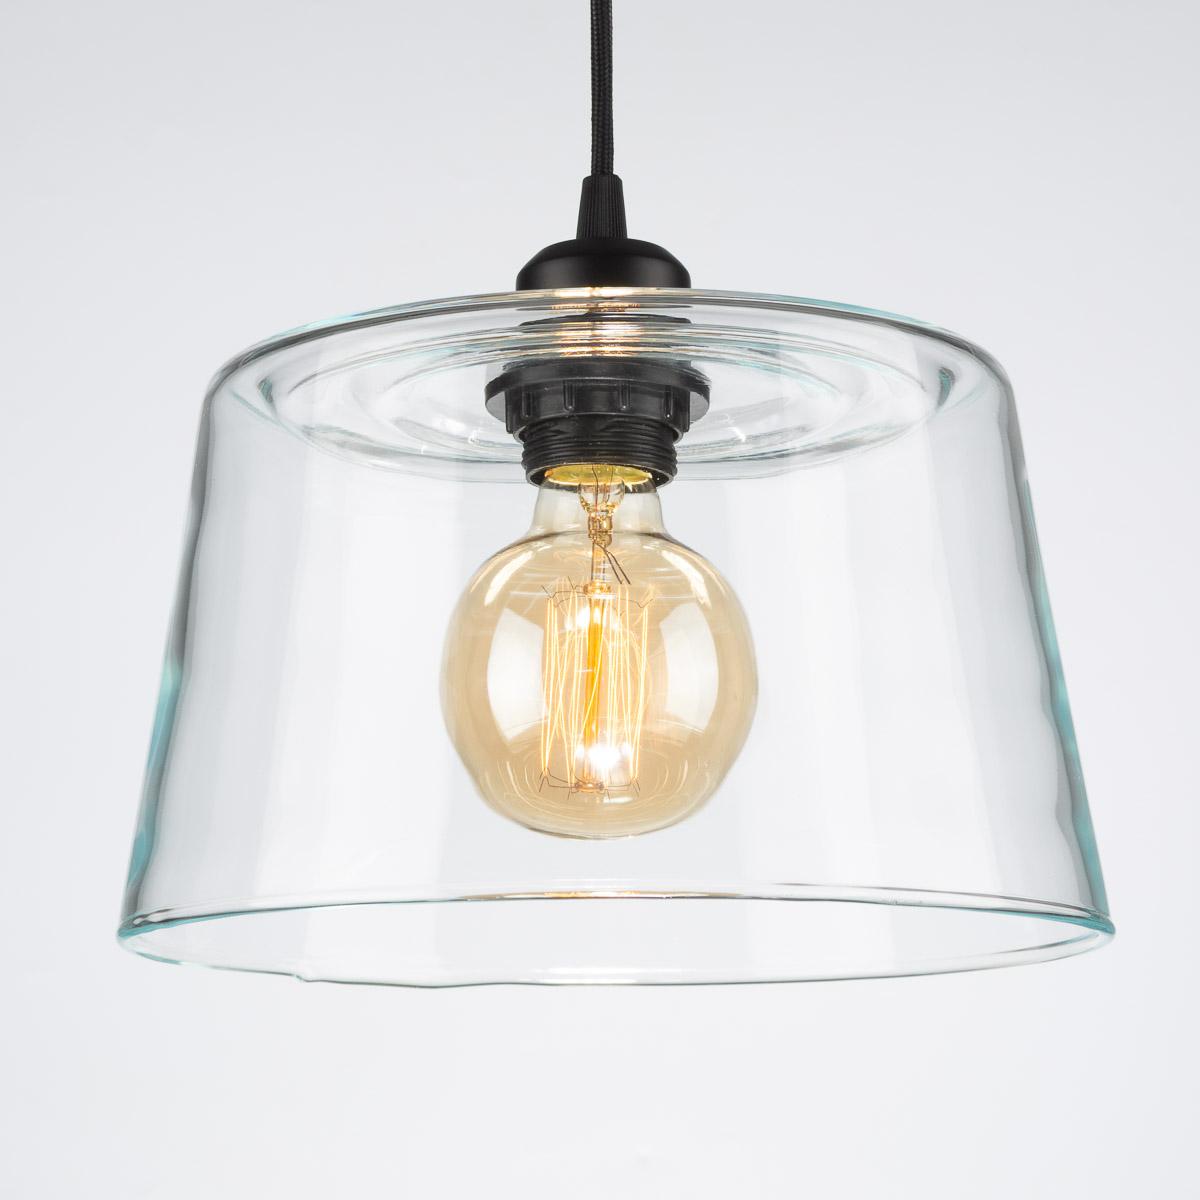 Потолочный светильник Moa черный